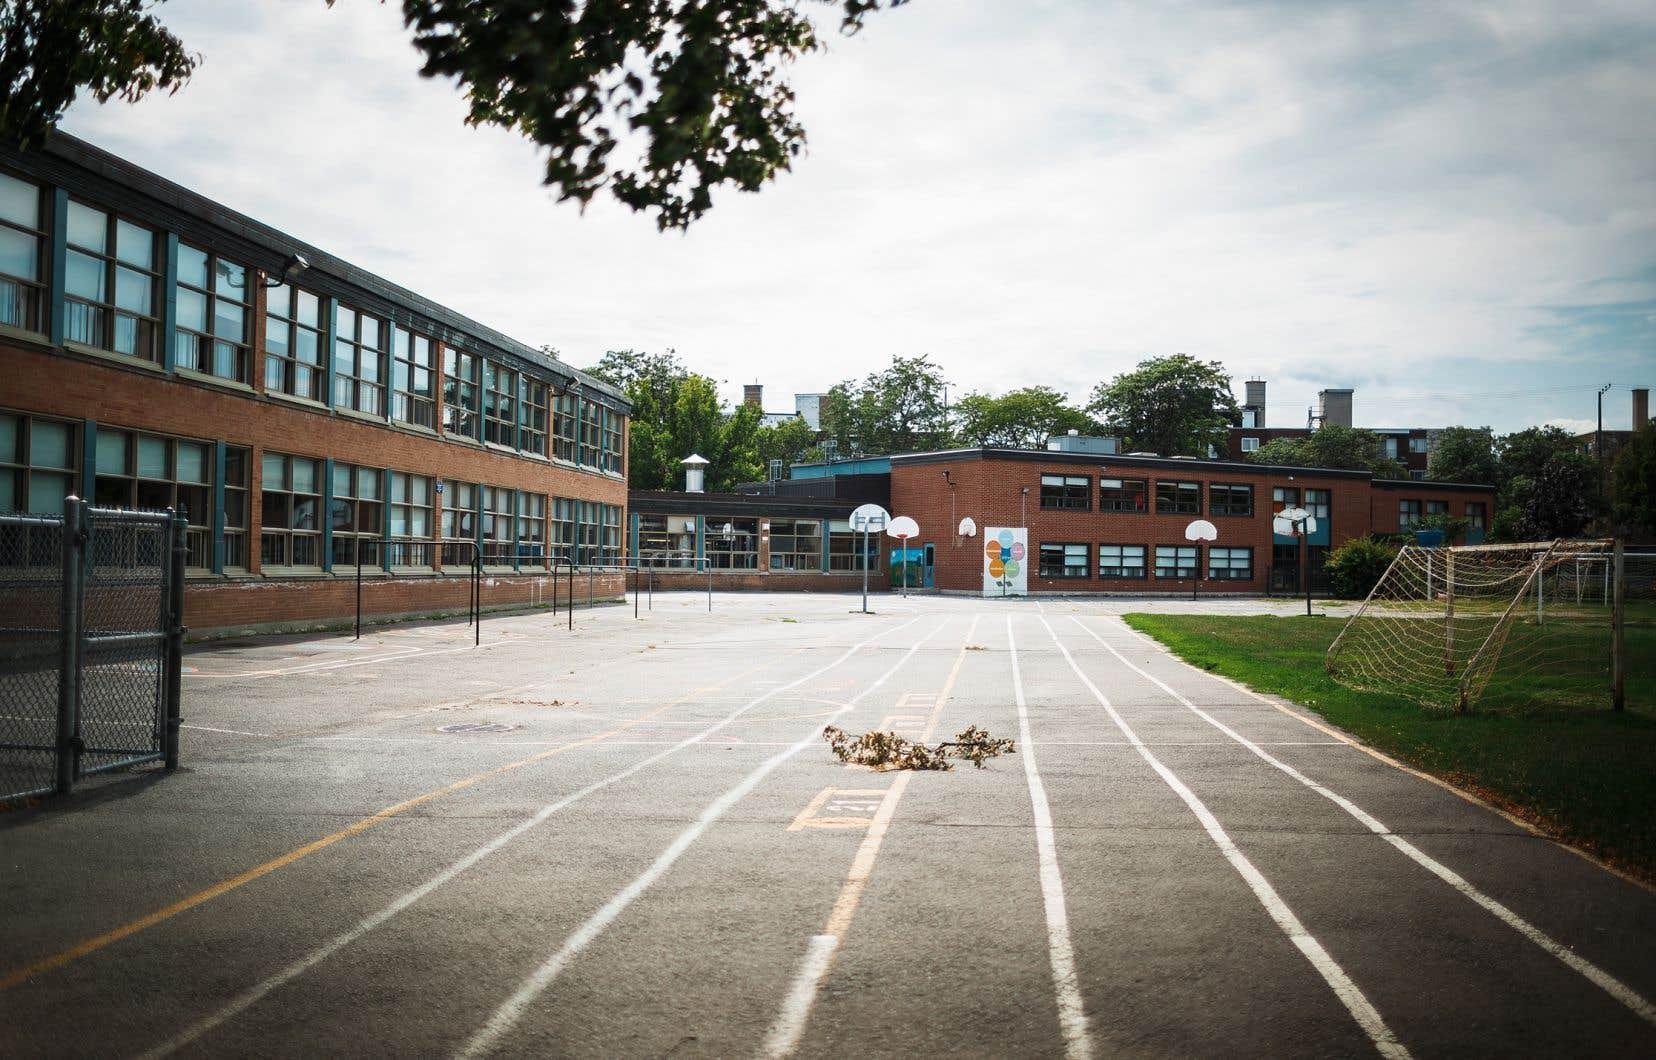 Les municipalités réclament davantage de pouvoirs en matière scolaire, mais ne veulent surtout pas toucher aux bâtiments scolaires.